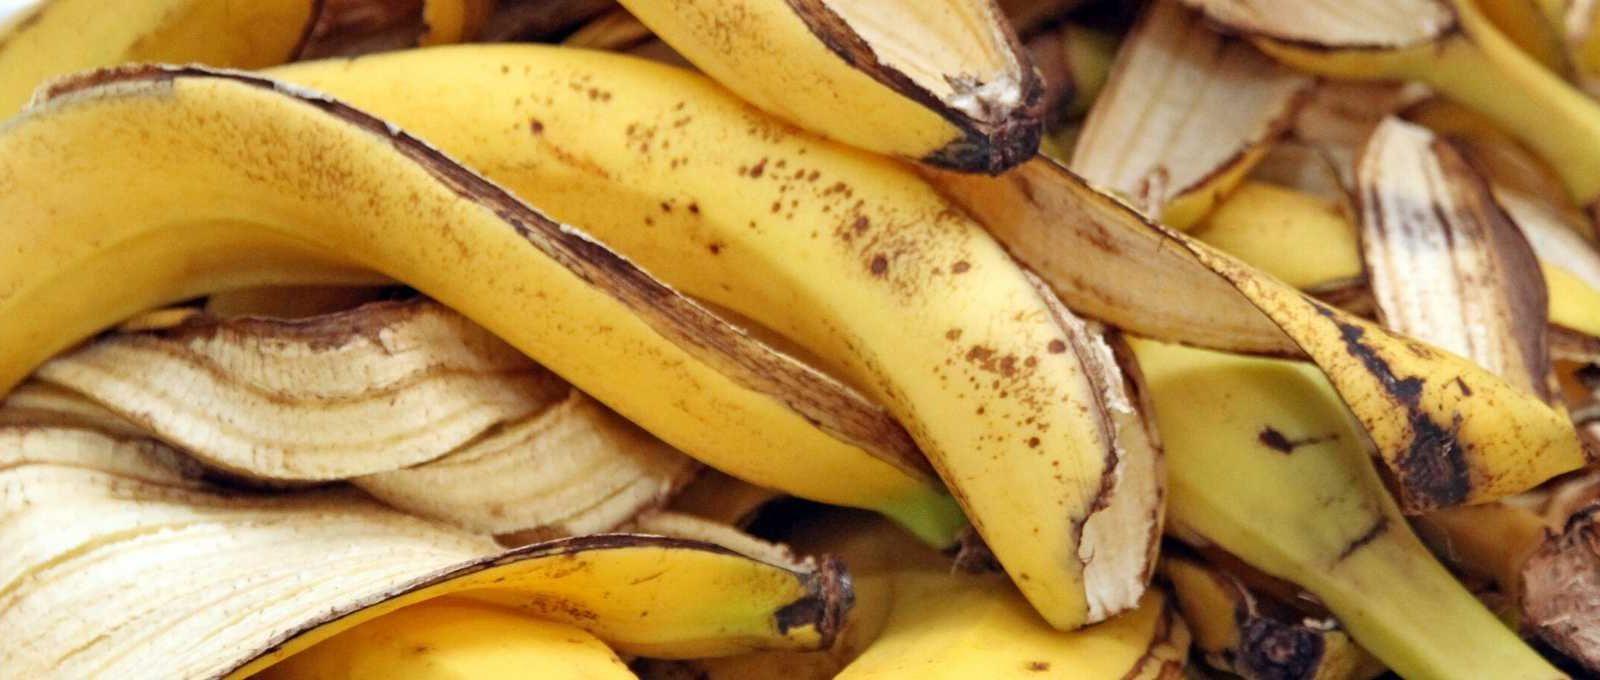 Bananaska maska za sjaj i snagu kose zdravo